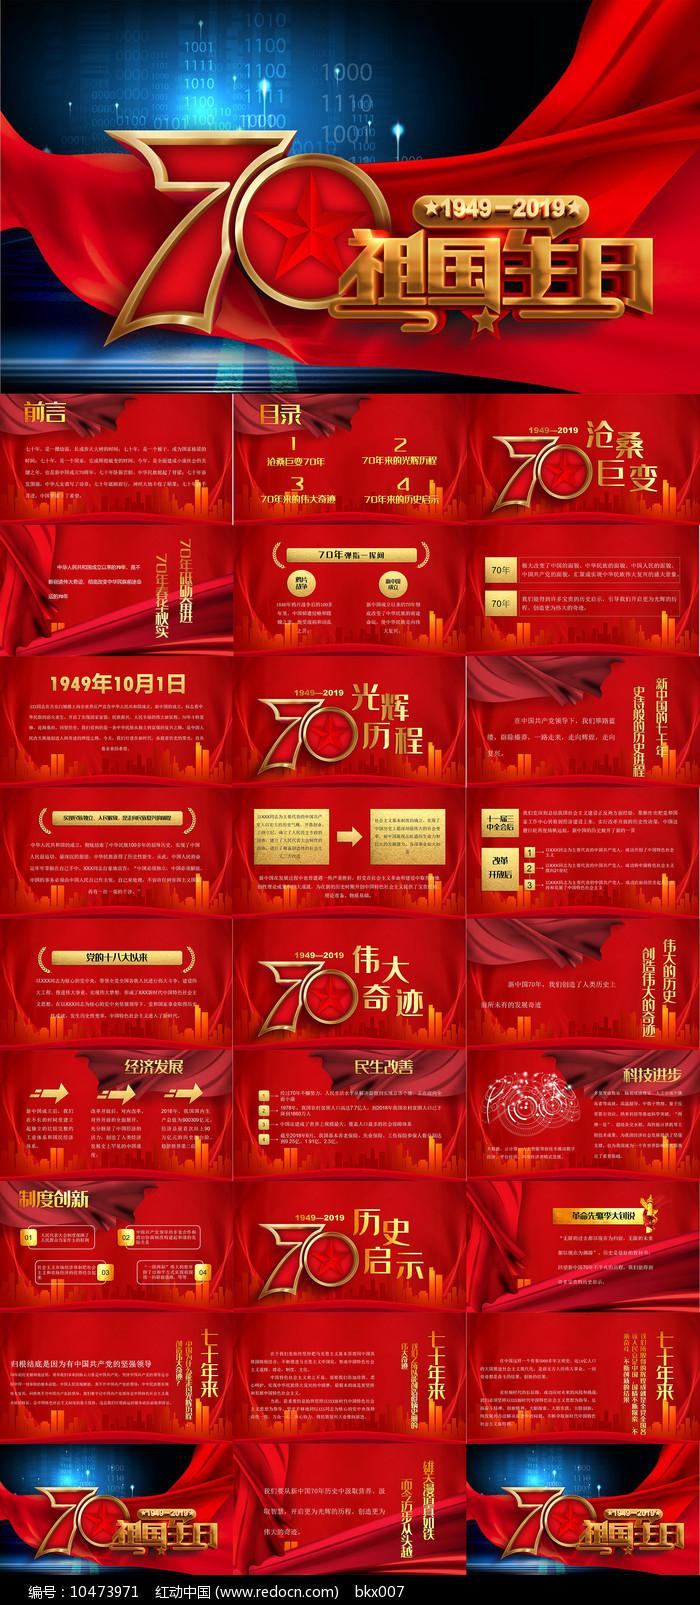 红色建国70周年国庆庆典PPT模板